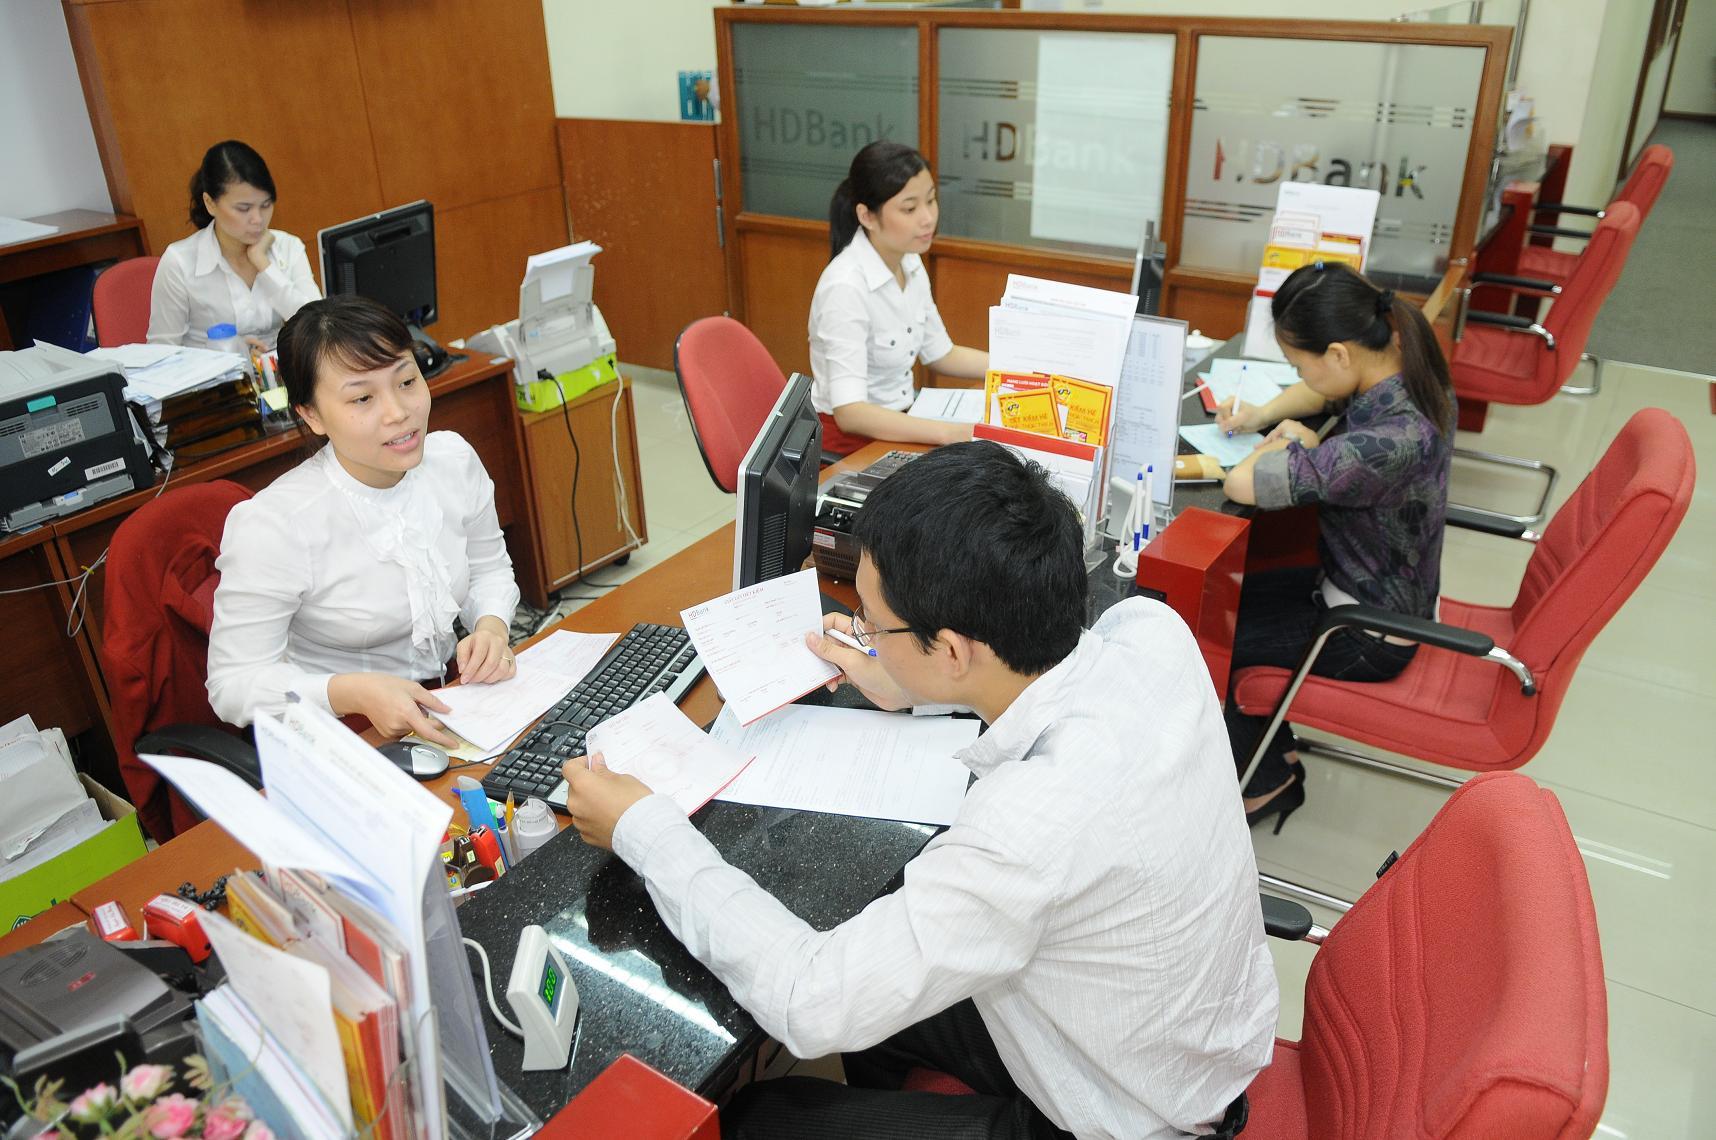 Ngân hàng Nhà nước công bố tỷ giá trung tâm của VND với USD áp dụng cho ngày 4/1